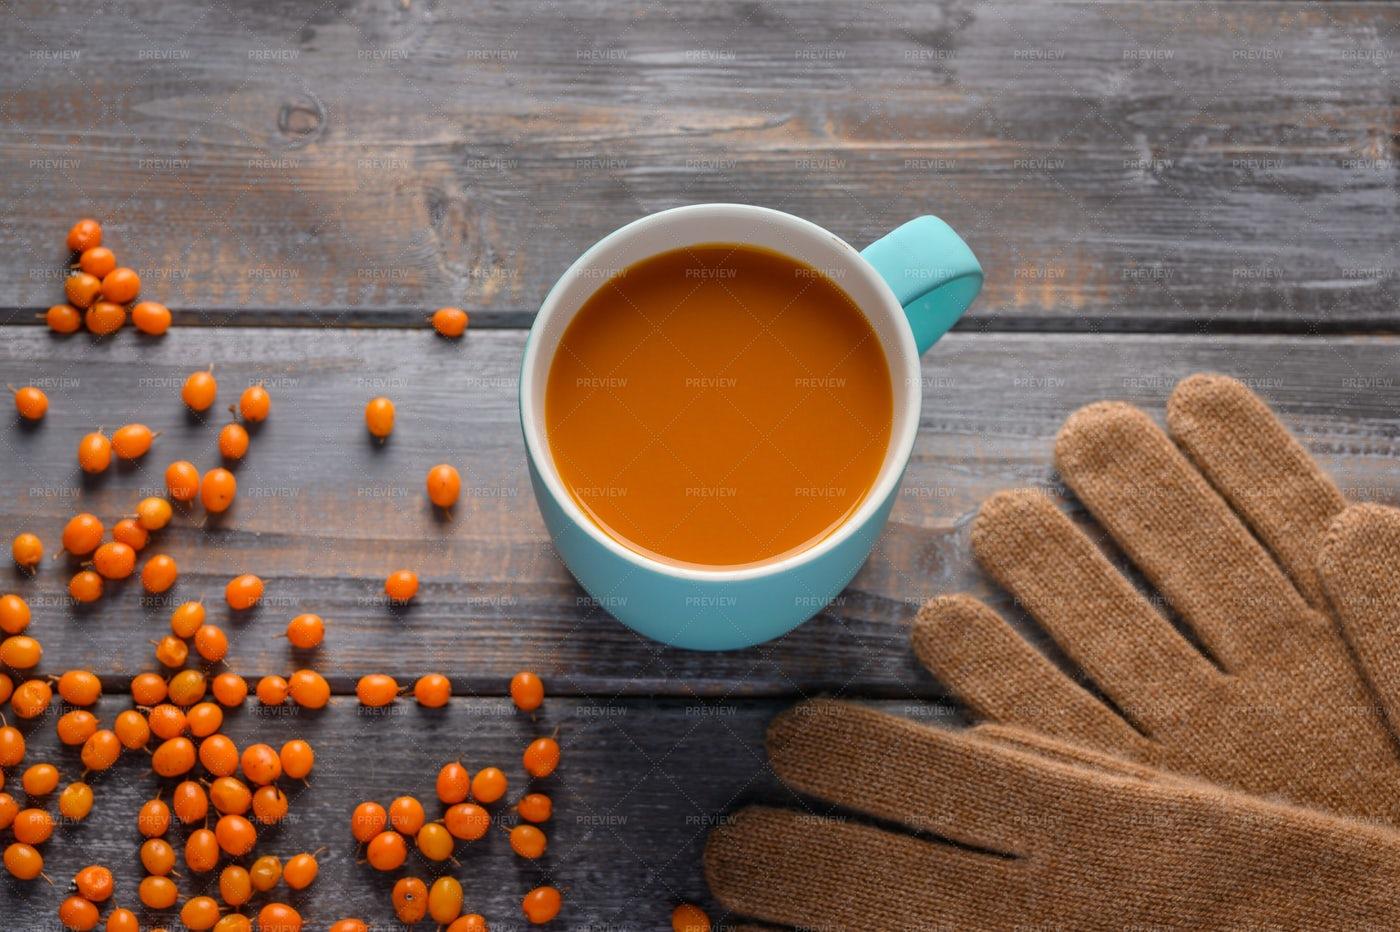 Buckthorn Juice In Mug: Stock Photos